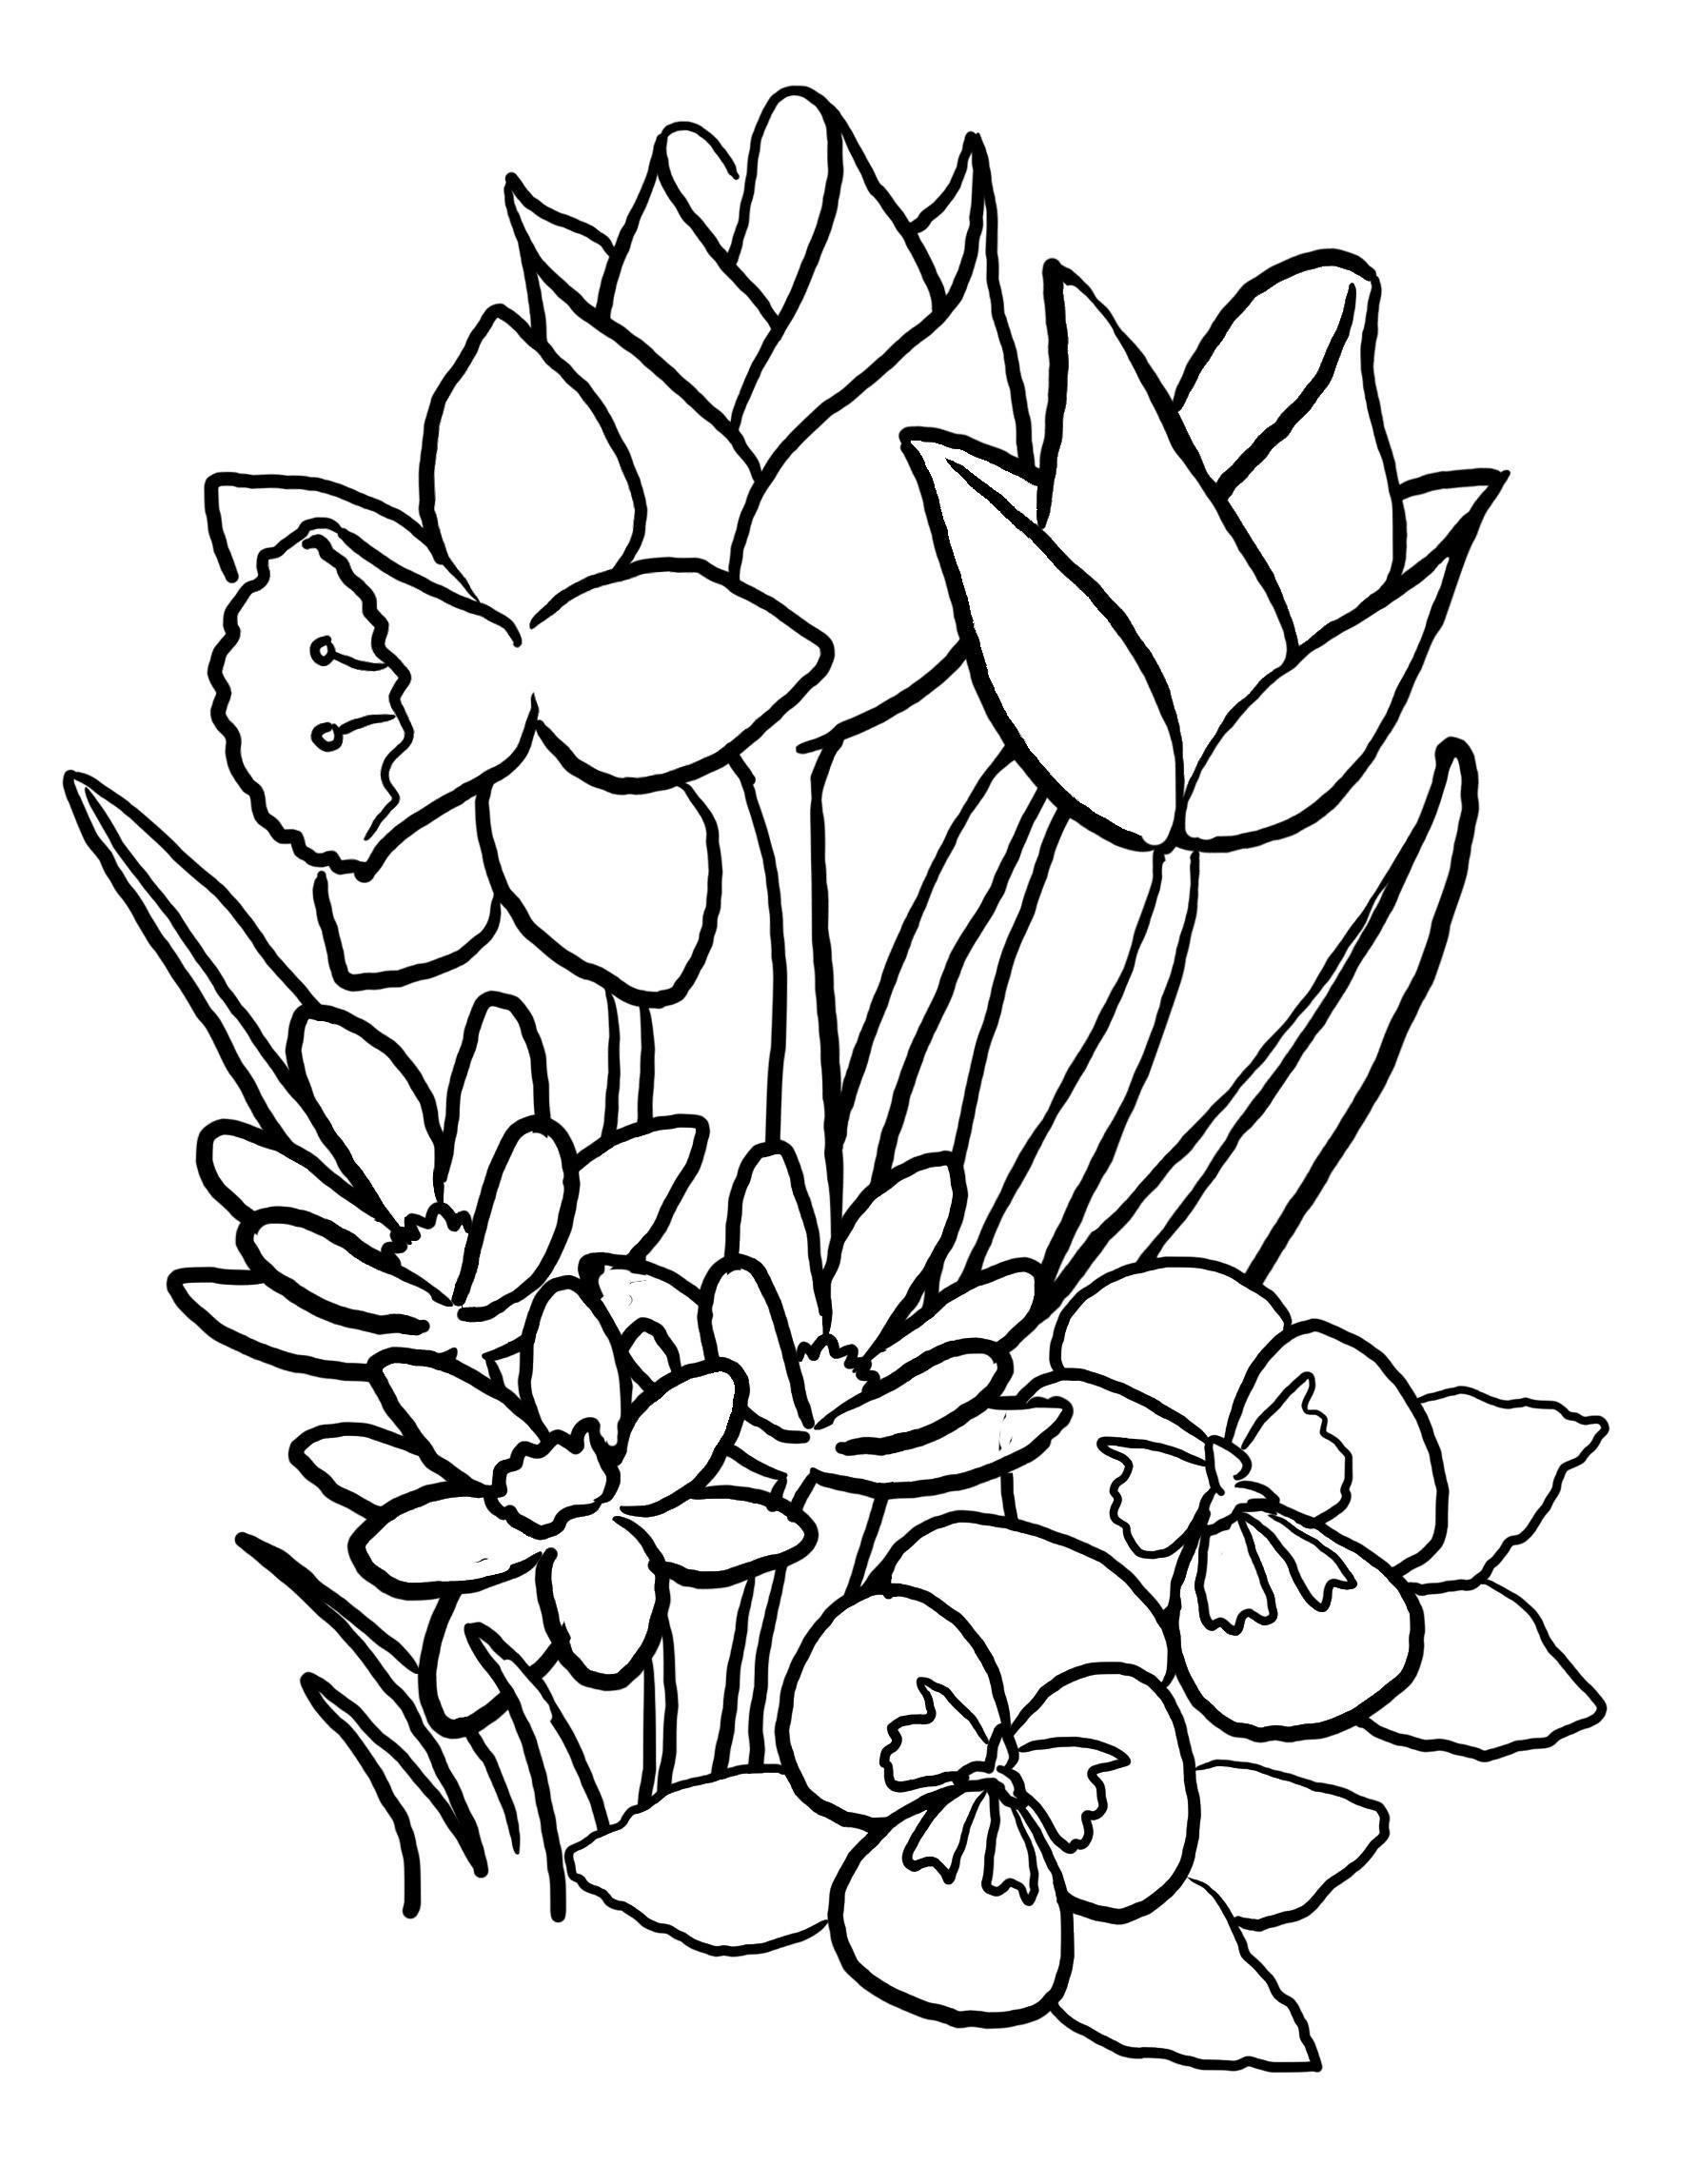 Цветы букет цветов раскраска цветы раскраски онлайн бесплатно